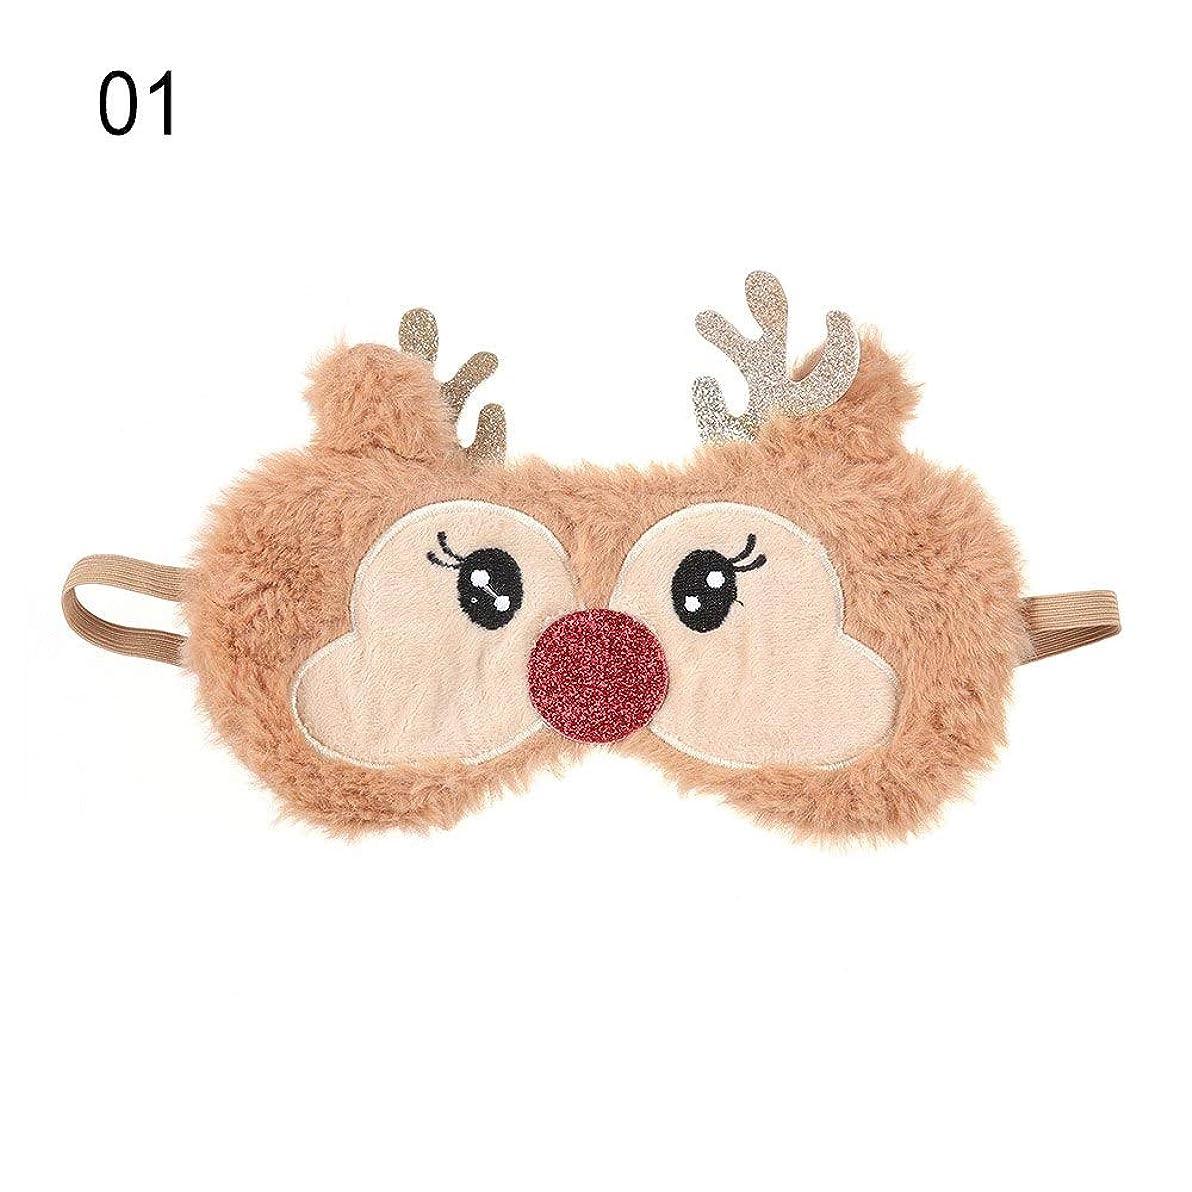 であること裂け目制約NOTE かわいいクリスマスプレゼント漫画鹿アイカバーぬいぐるみ布睡眠マスクナチュラル睡眠アイマスクアイシェードかわいいアイシェード